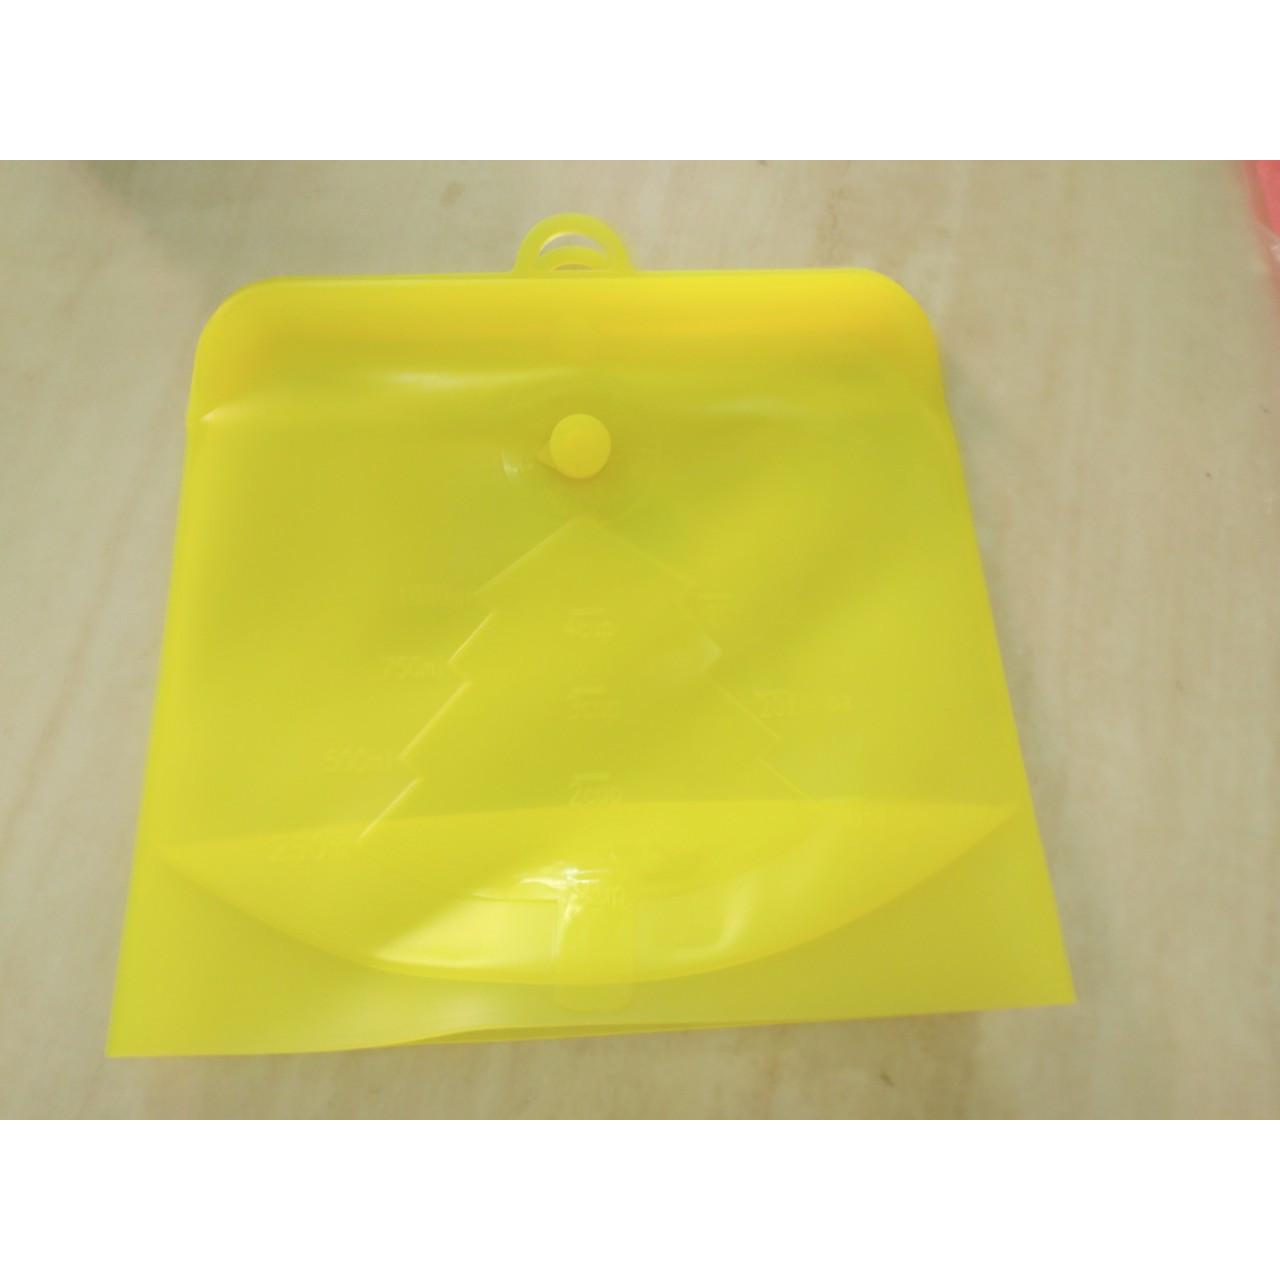 Túi đựng thực phẩm bằng silicone dạng nút ( sản phẩm đã được kiểm định)